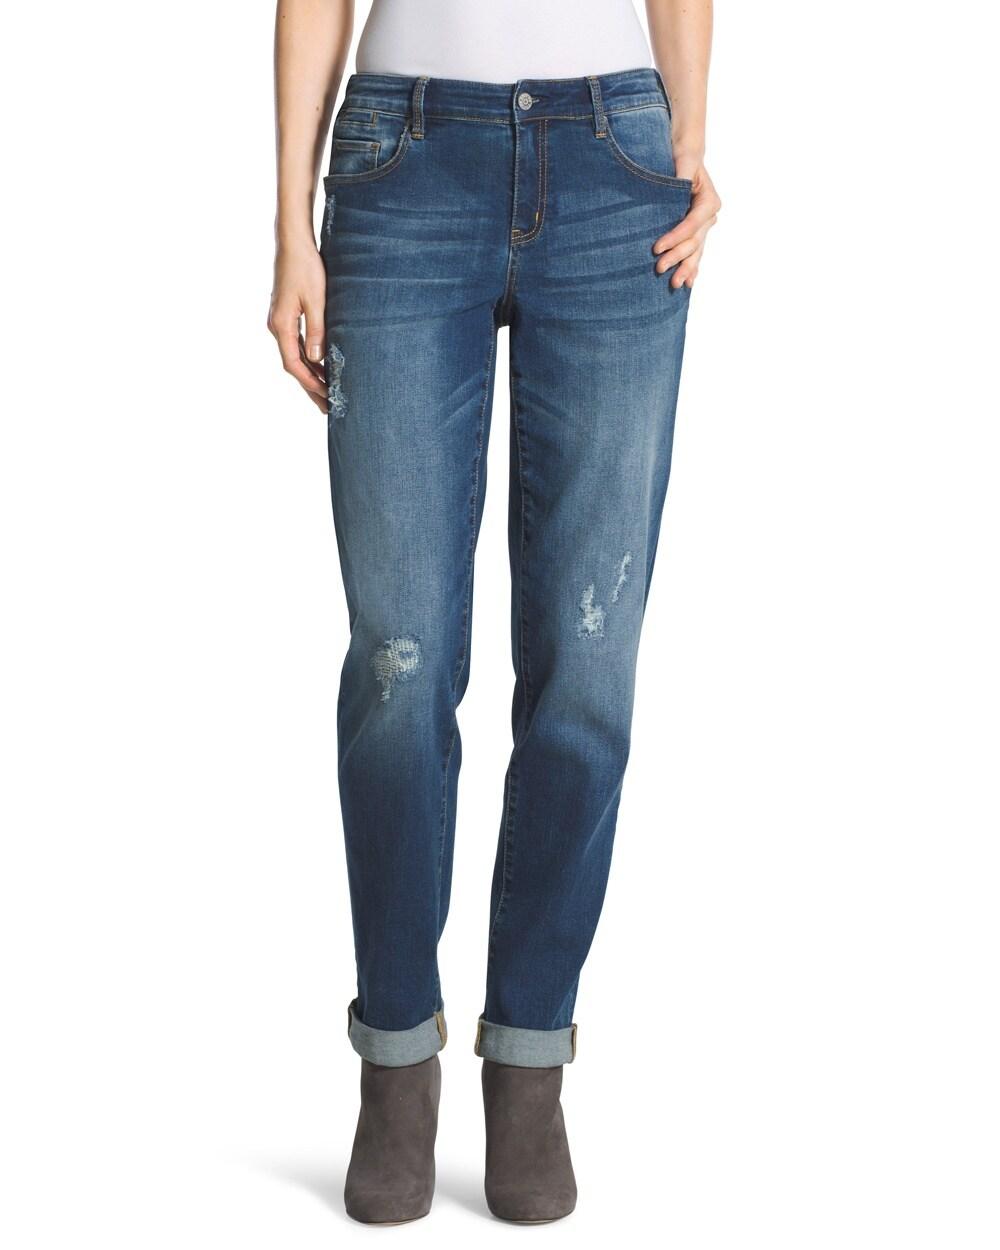 Boyfriend Jeans - Chicos